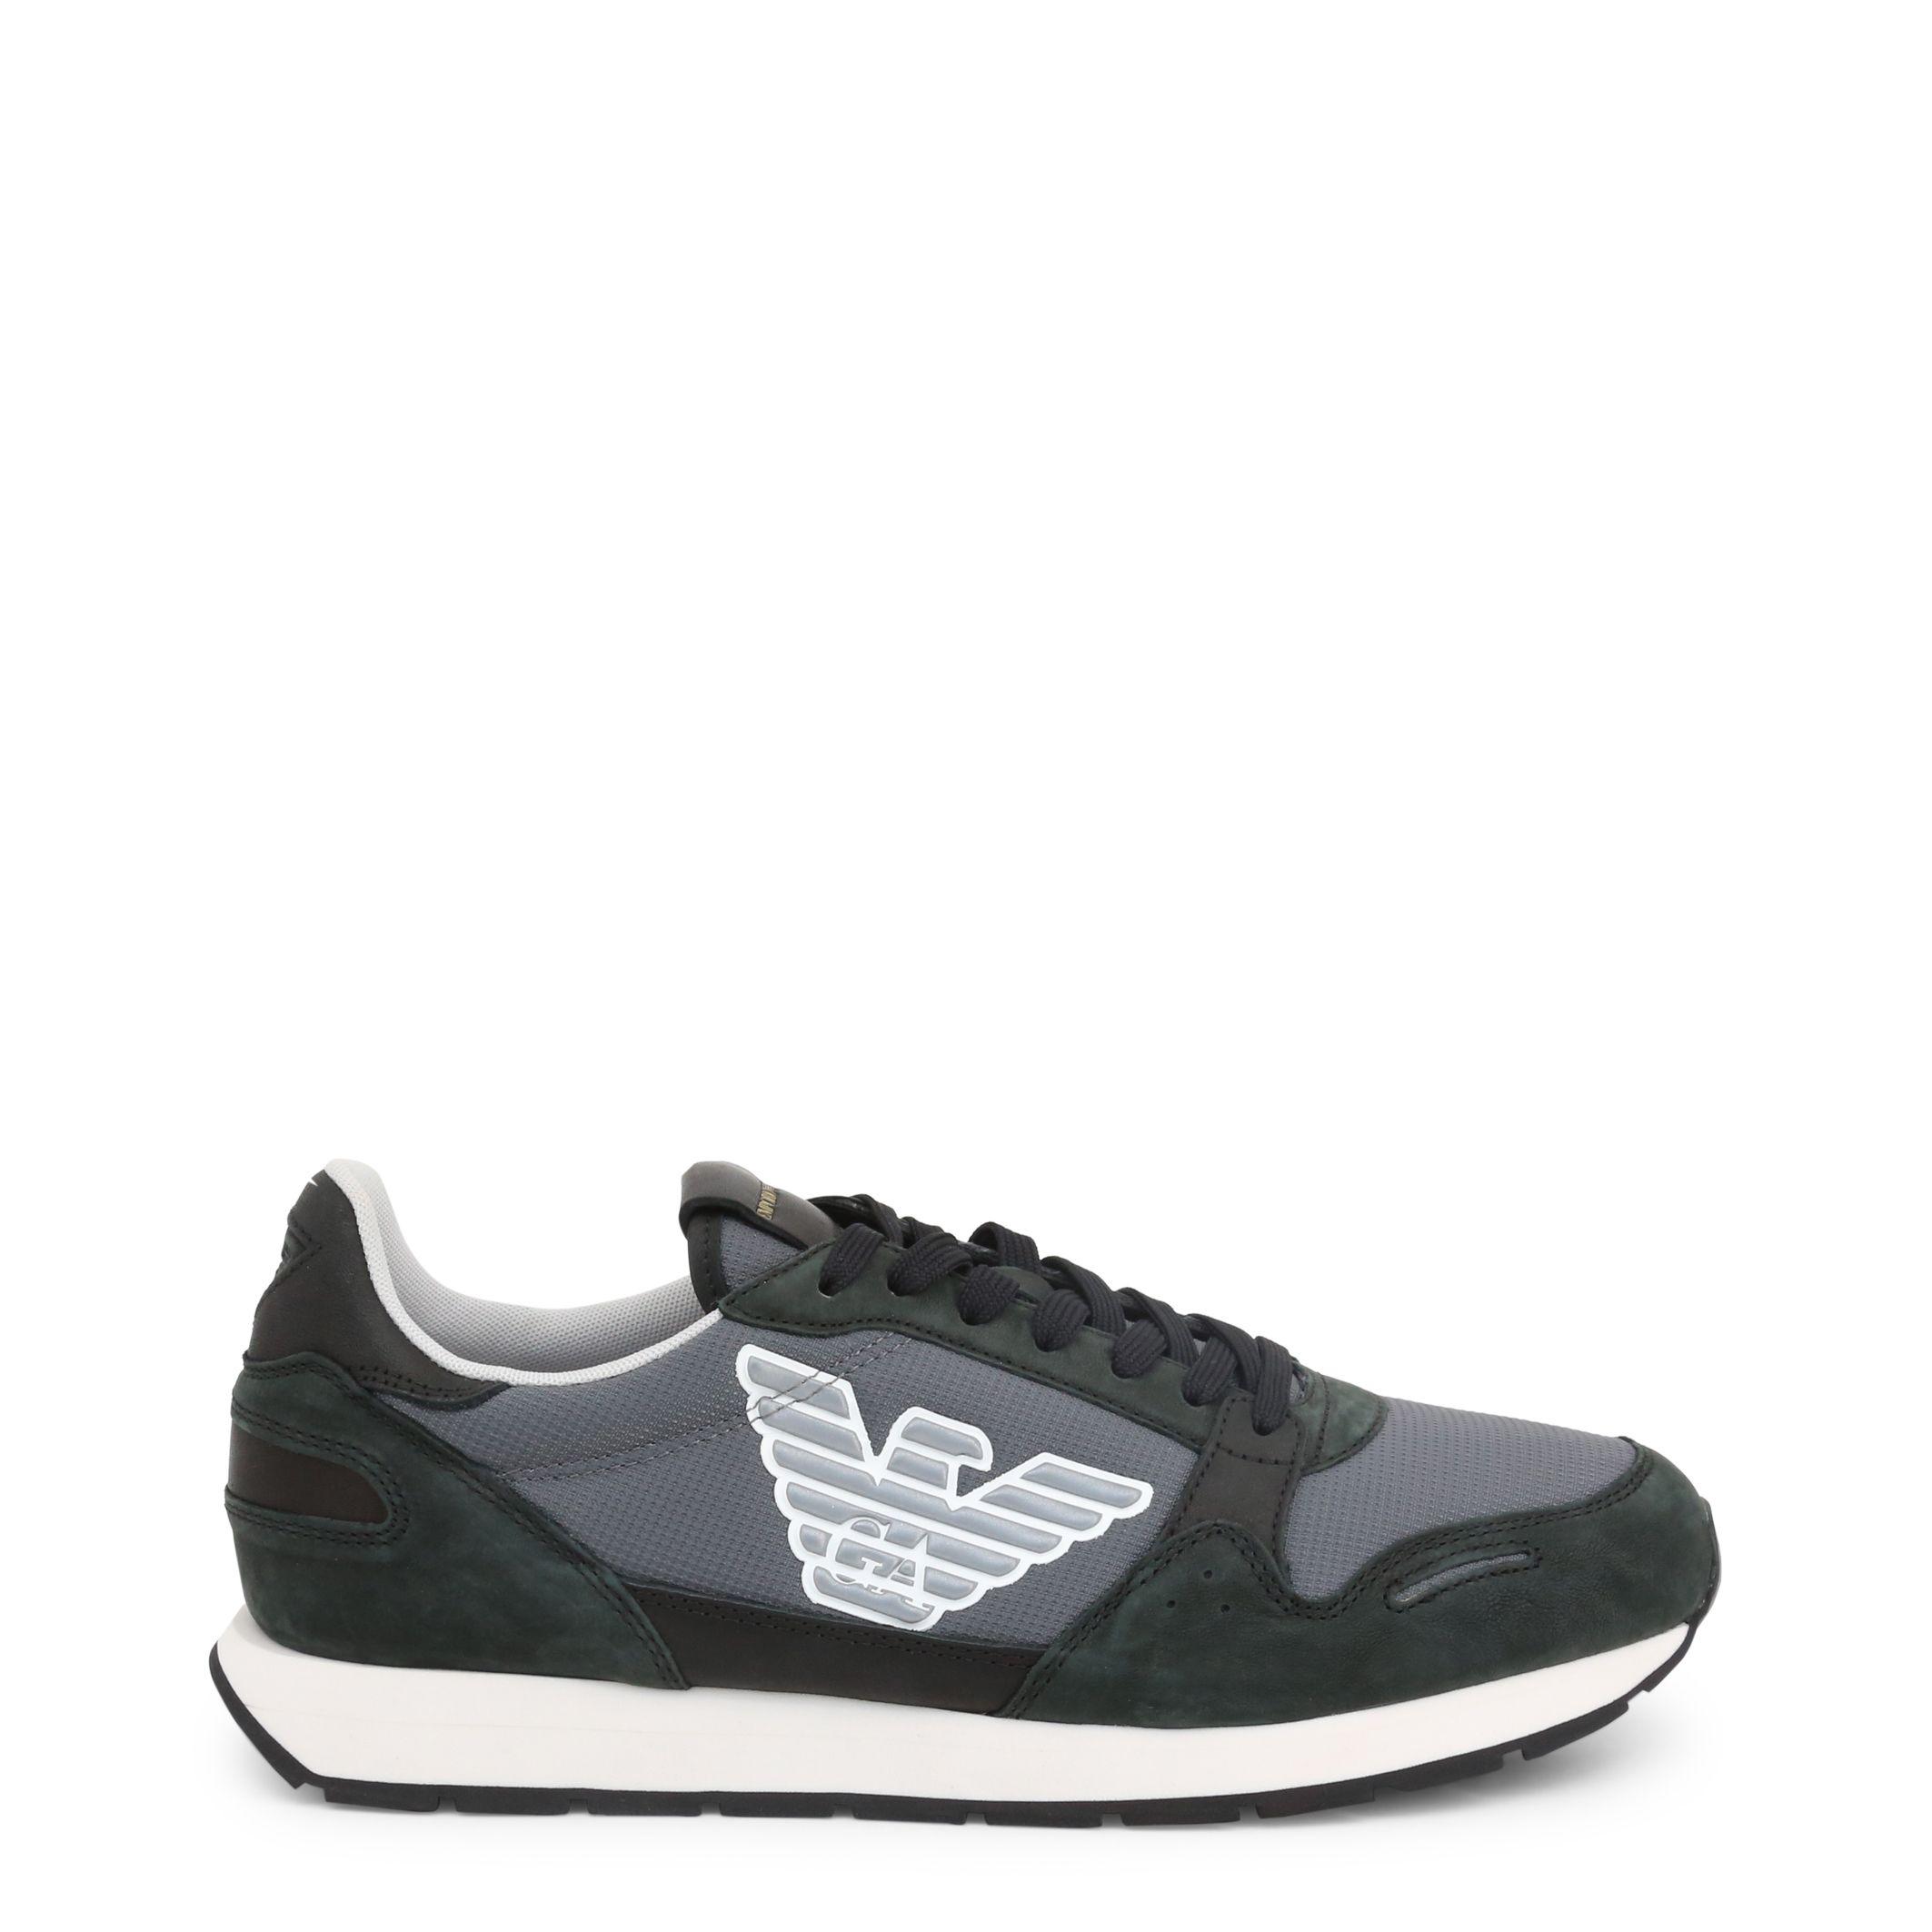 Schuhe Emporio Armani – X4X215-XL199 – Schwarz